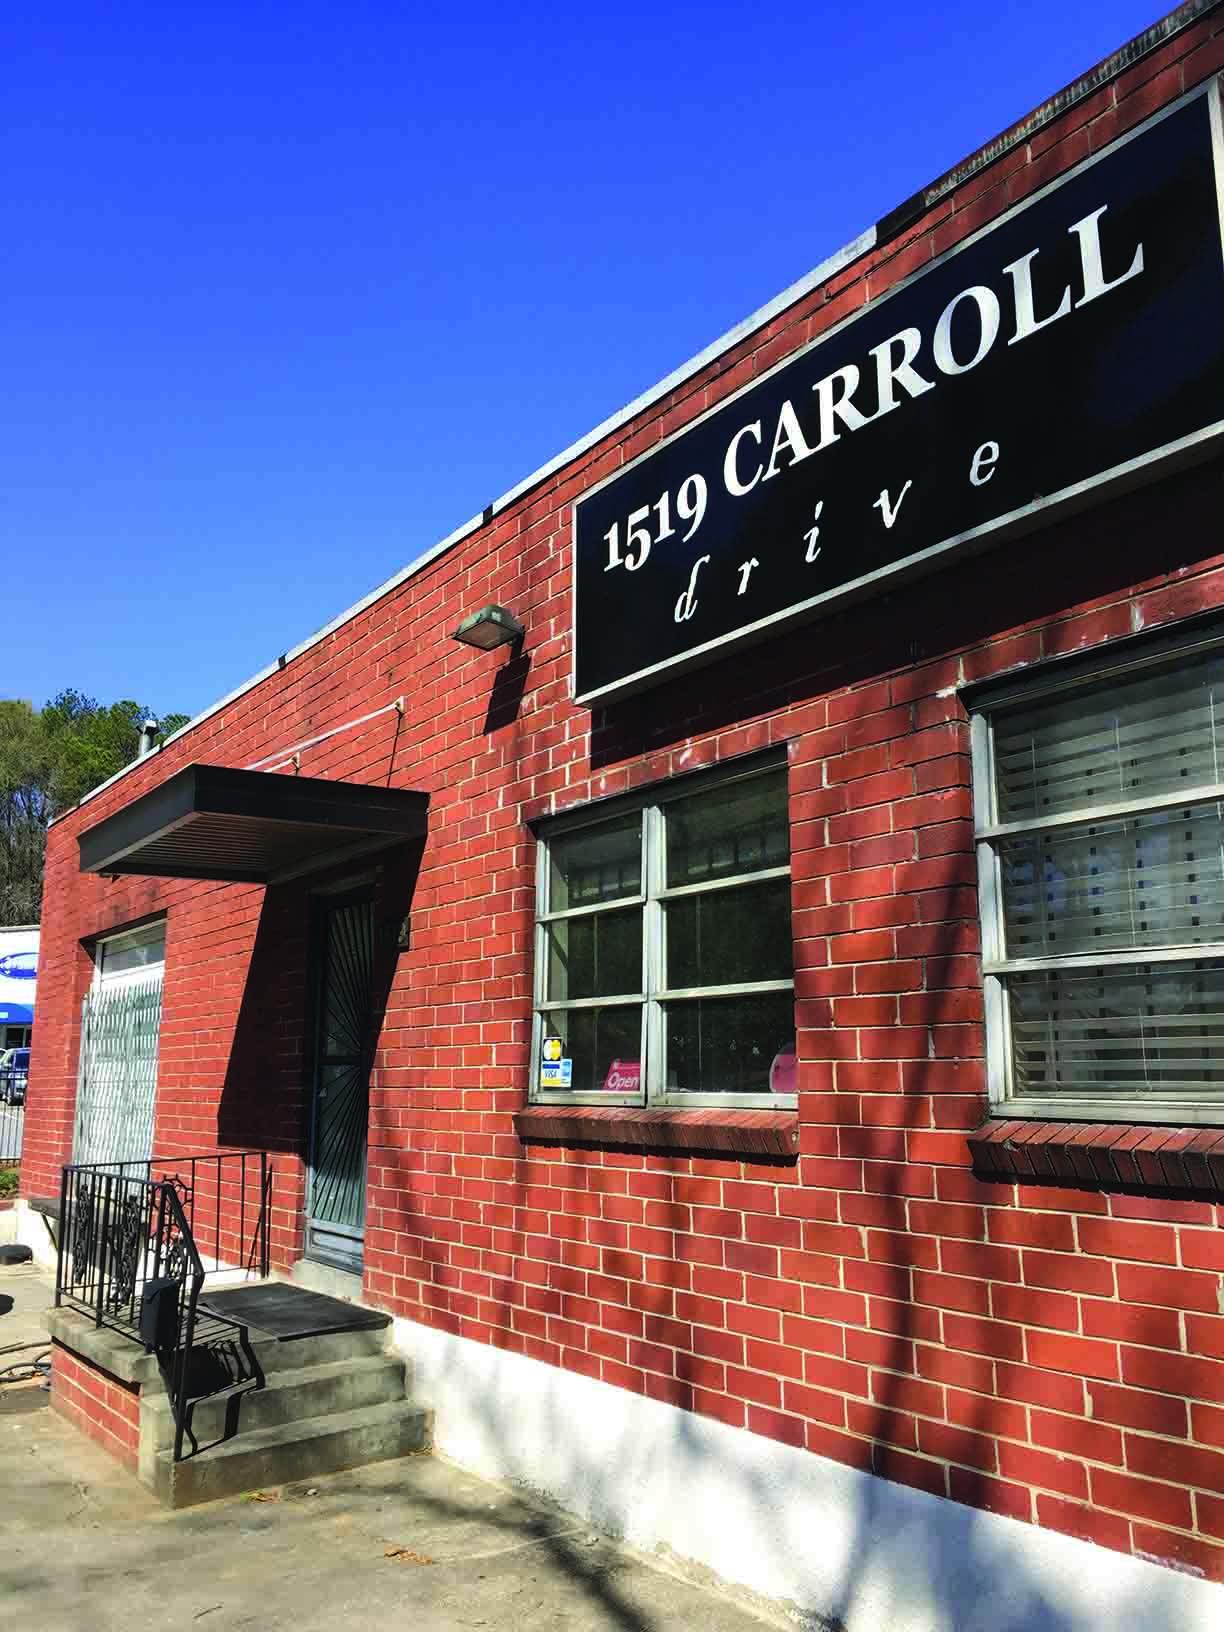 1519 Carroll Drive, Atlanta, GA  30318